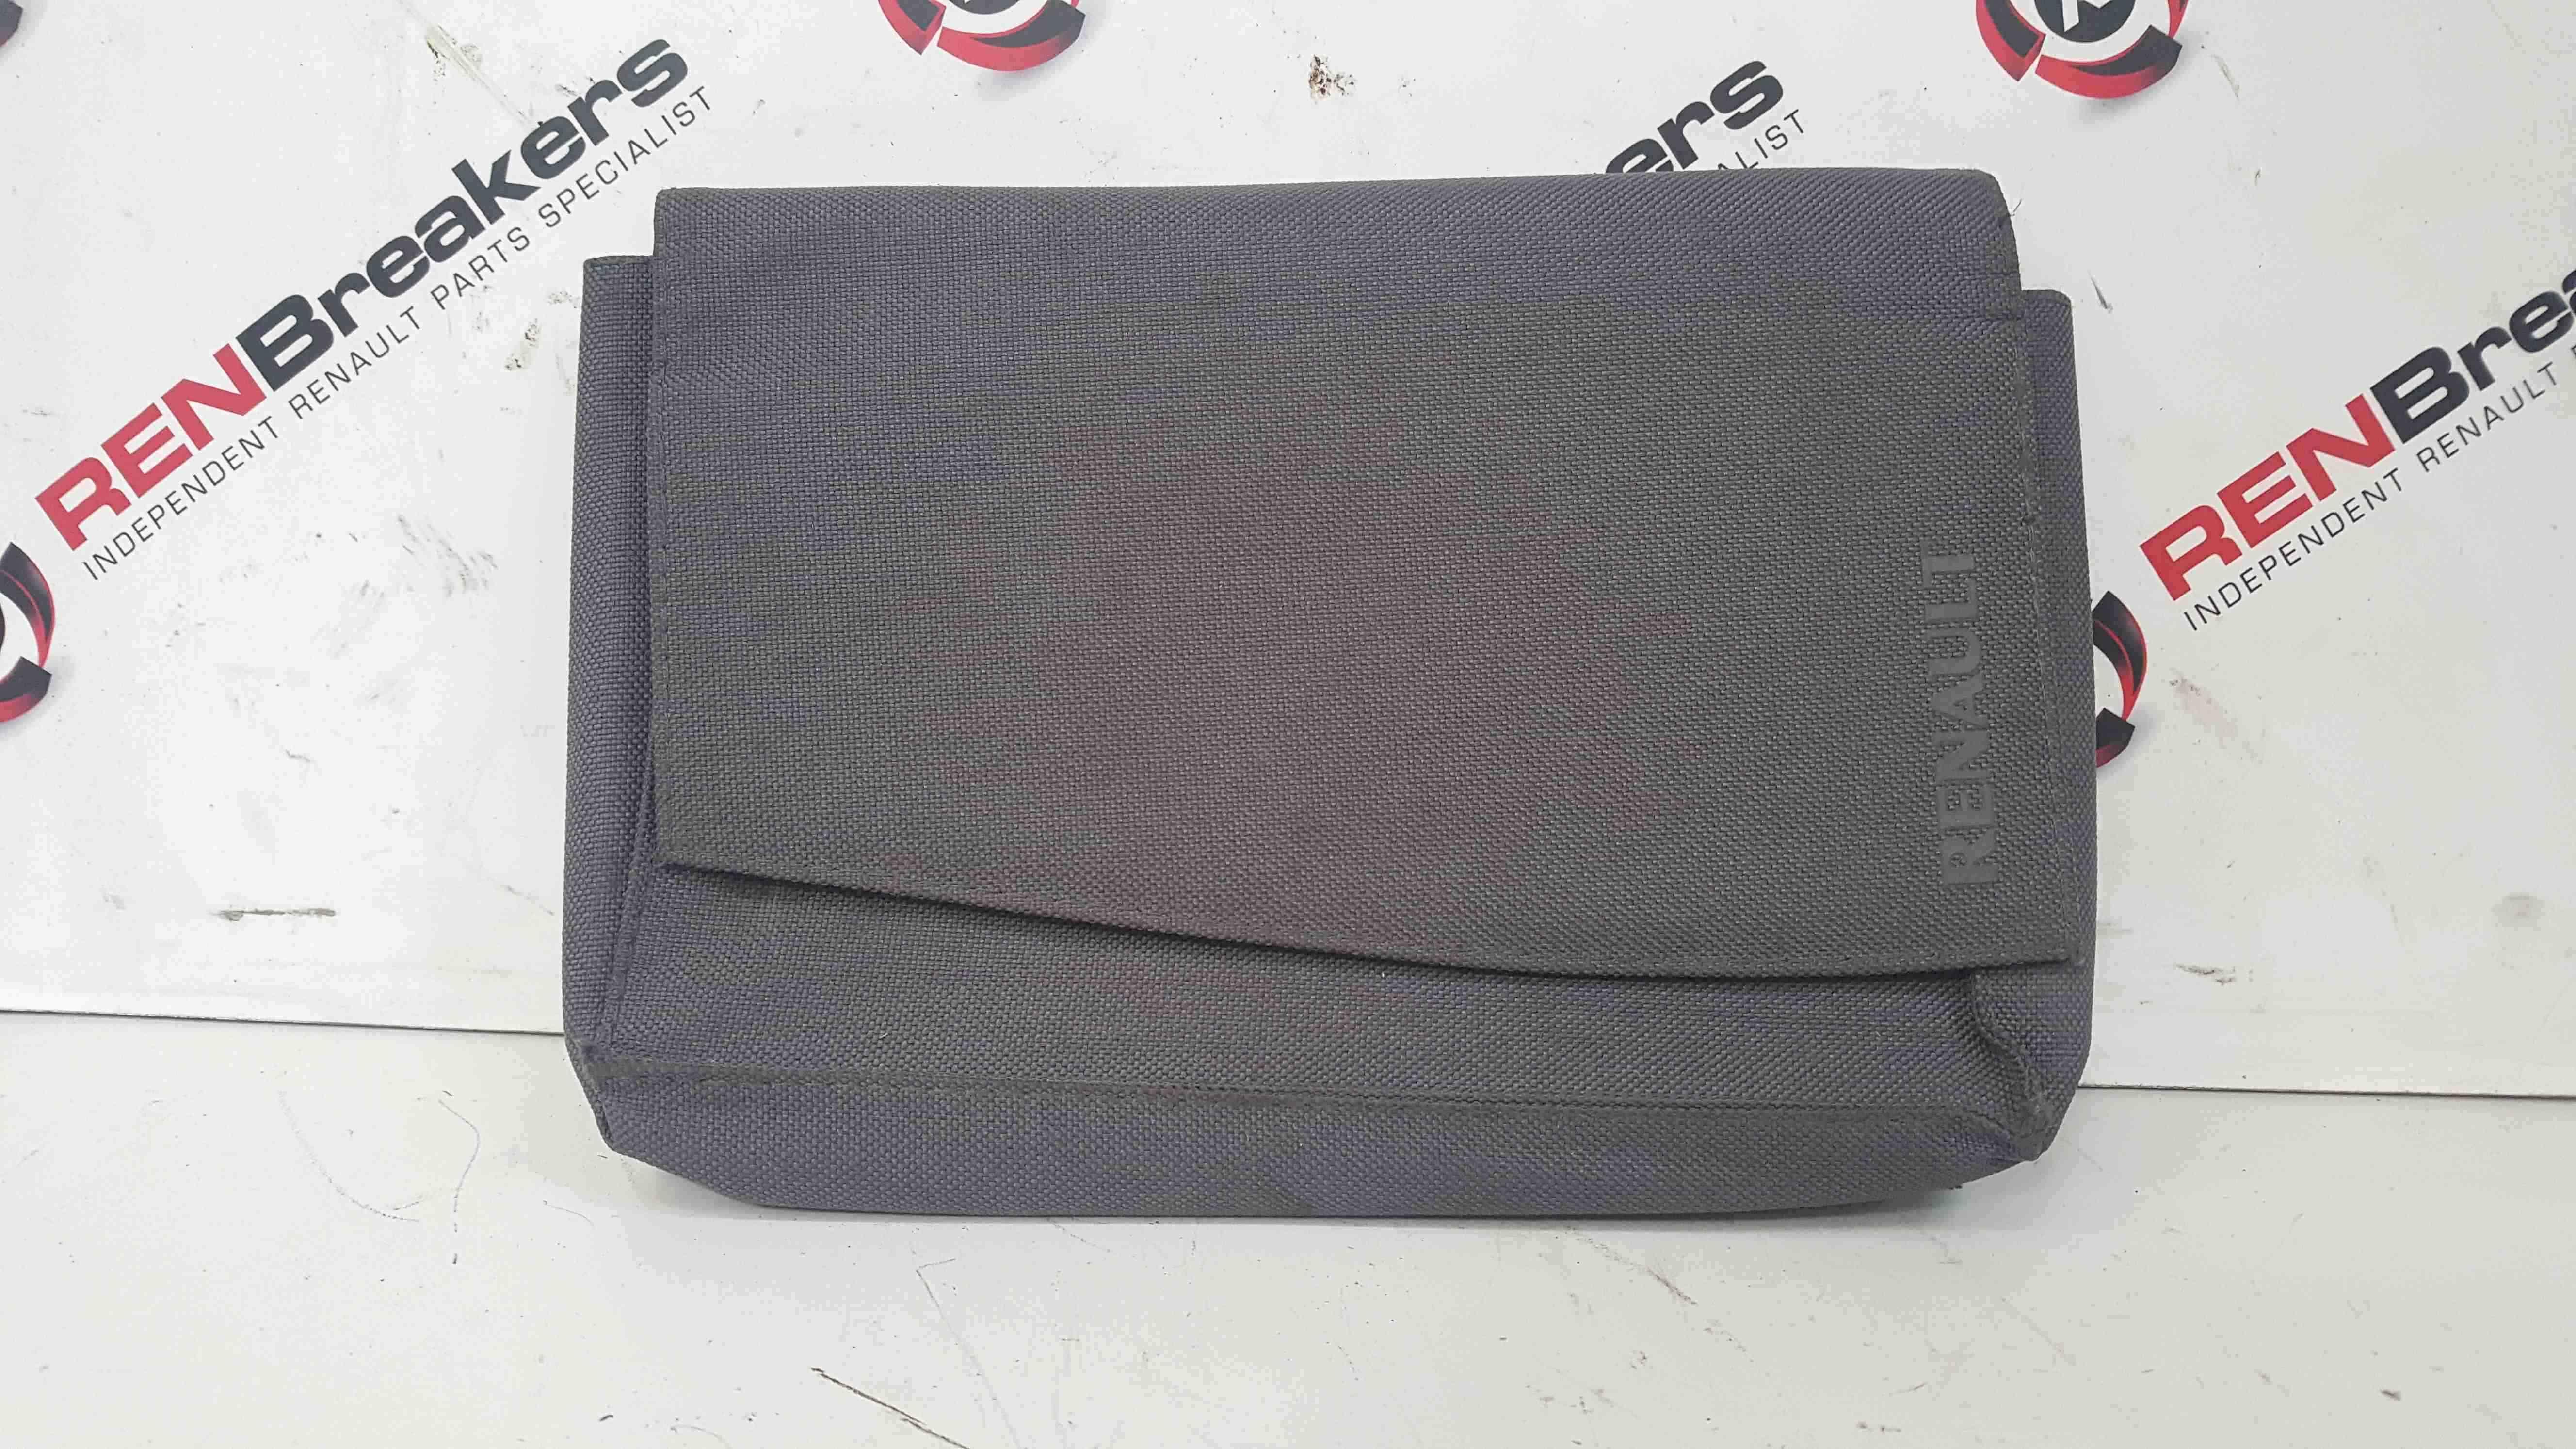 Renault Clio MK3 2005-2012 Empty Document Folder Wallet